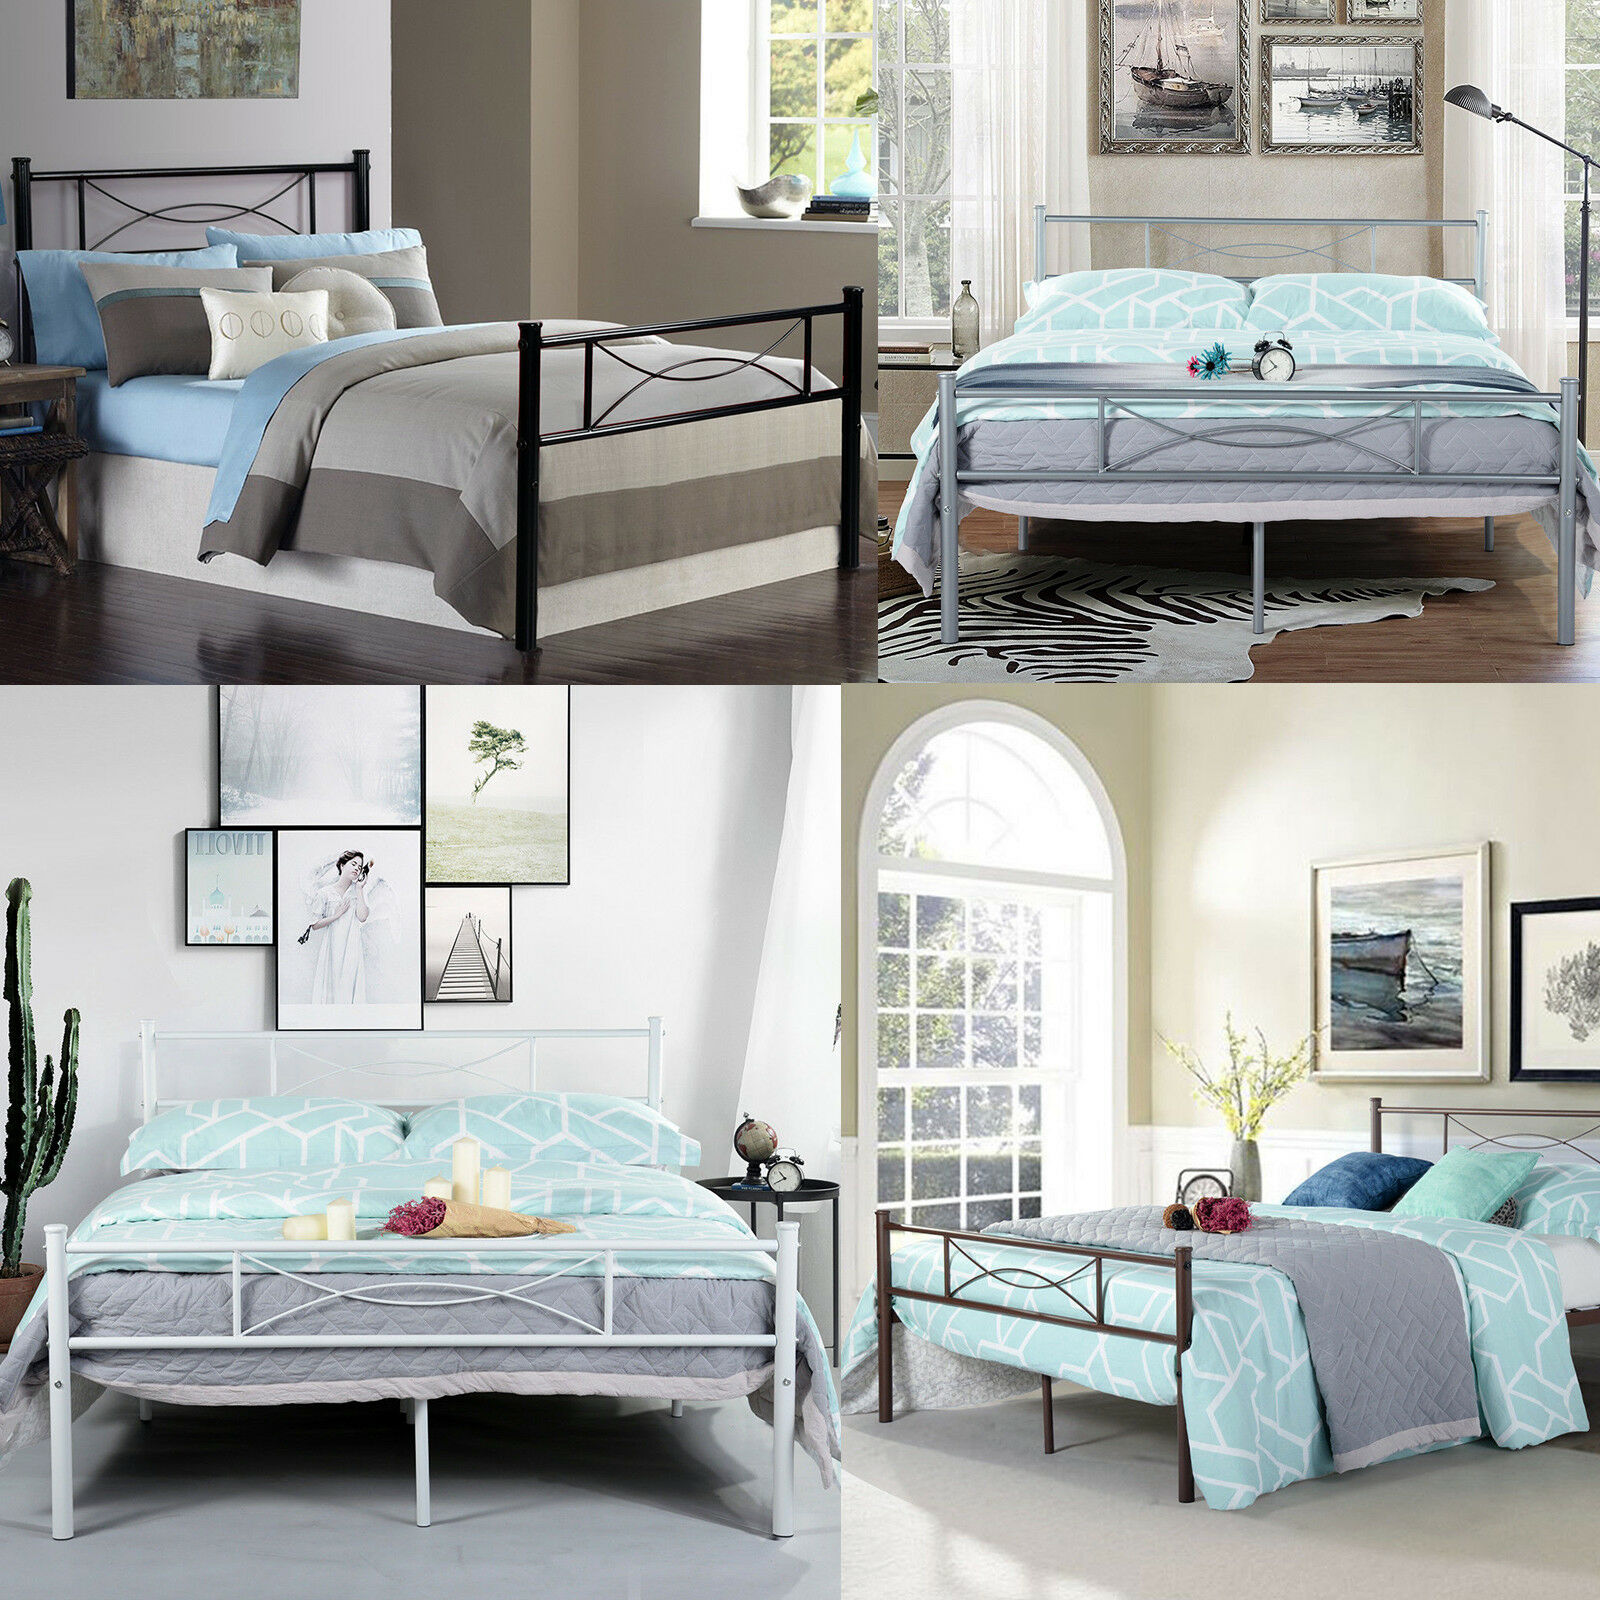 bedroom full metal bed frame platform base